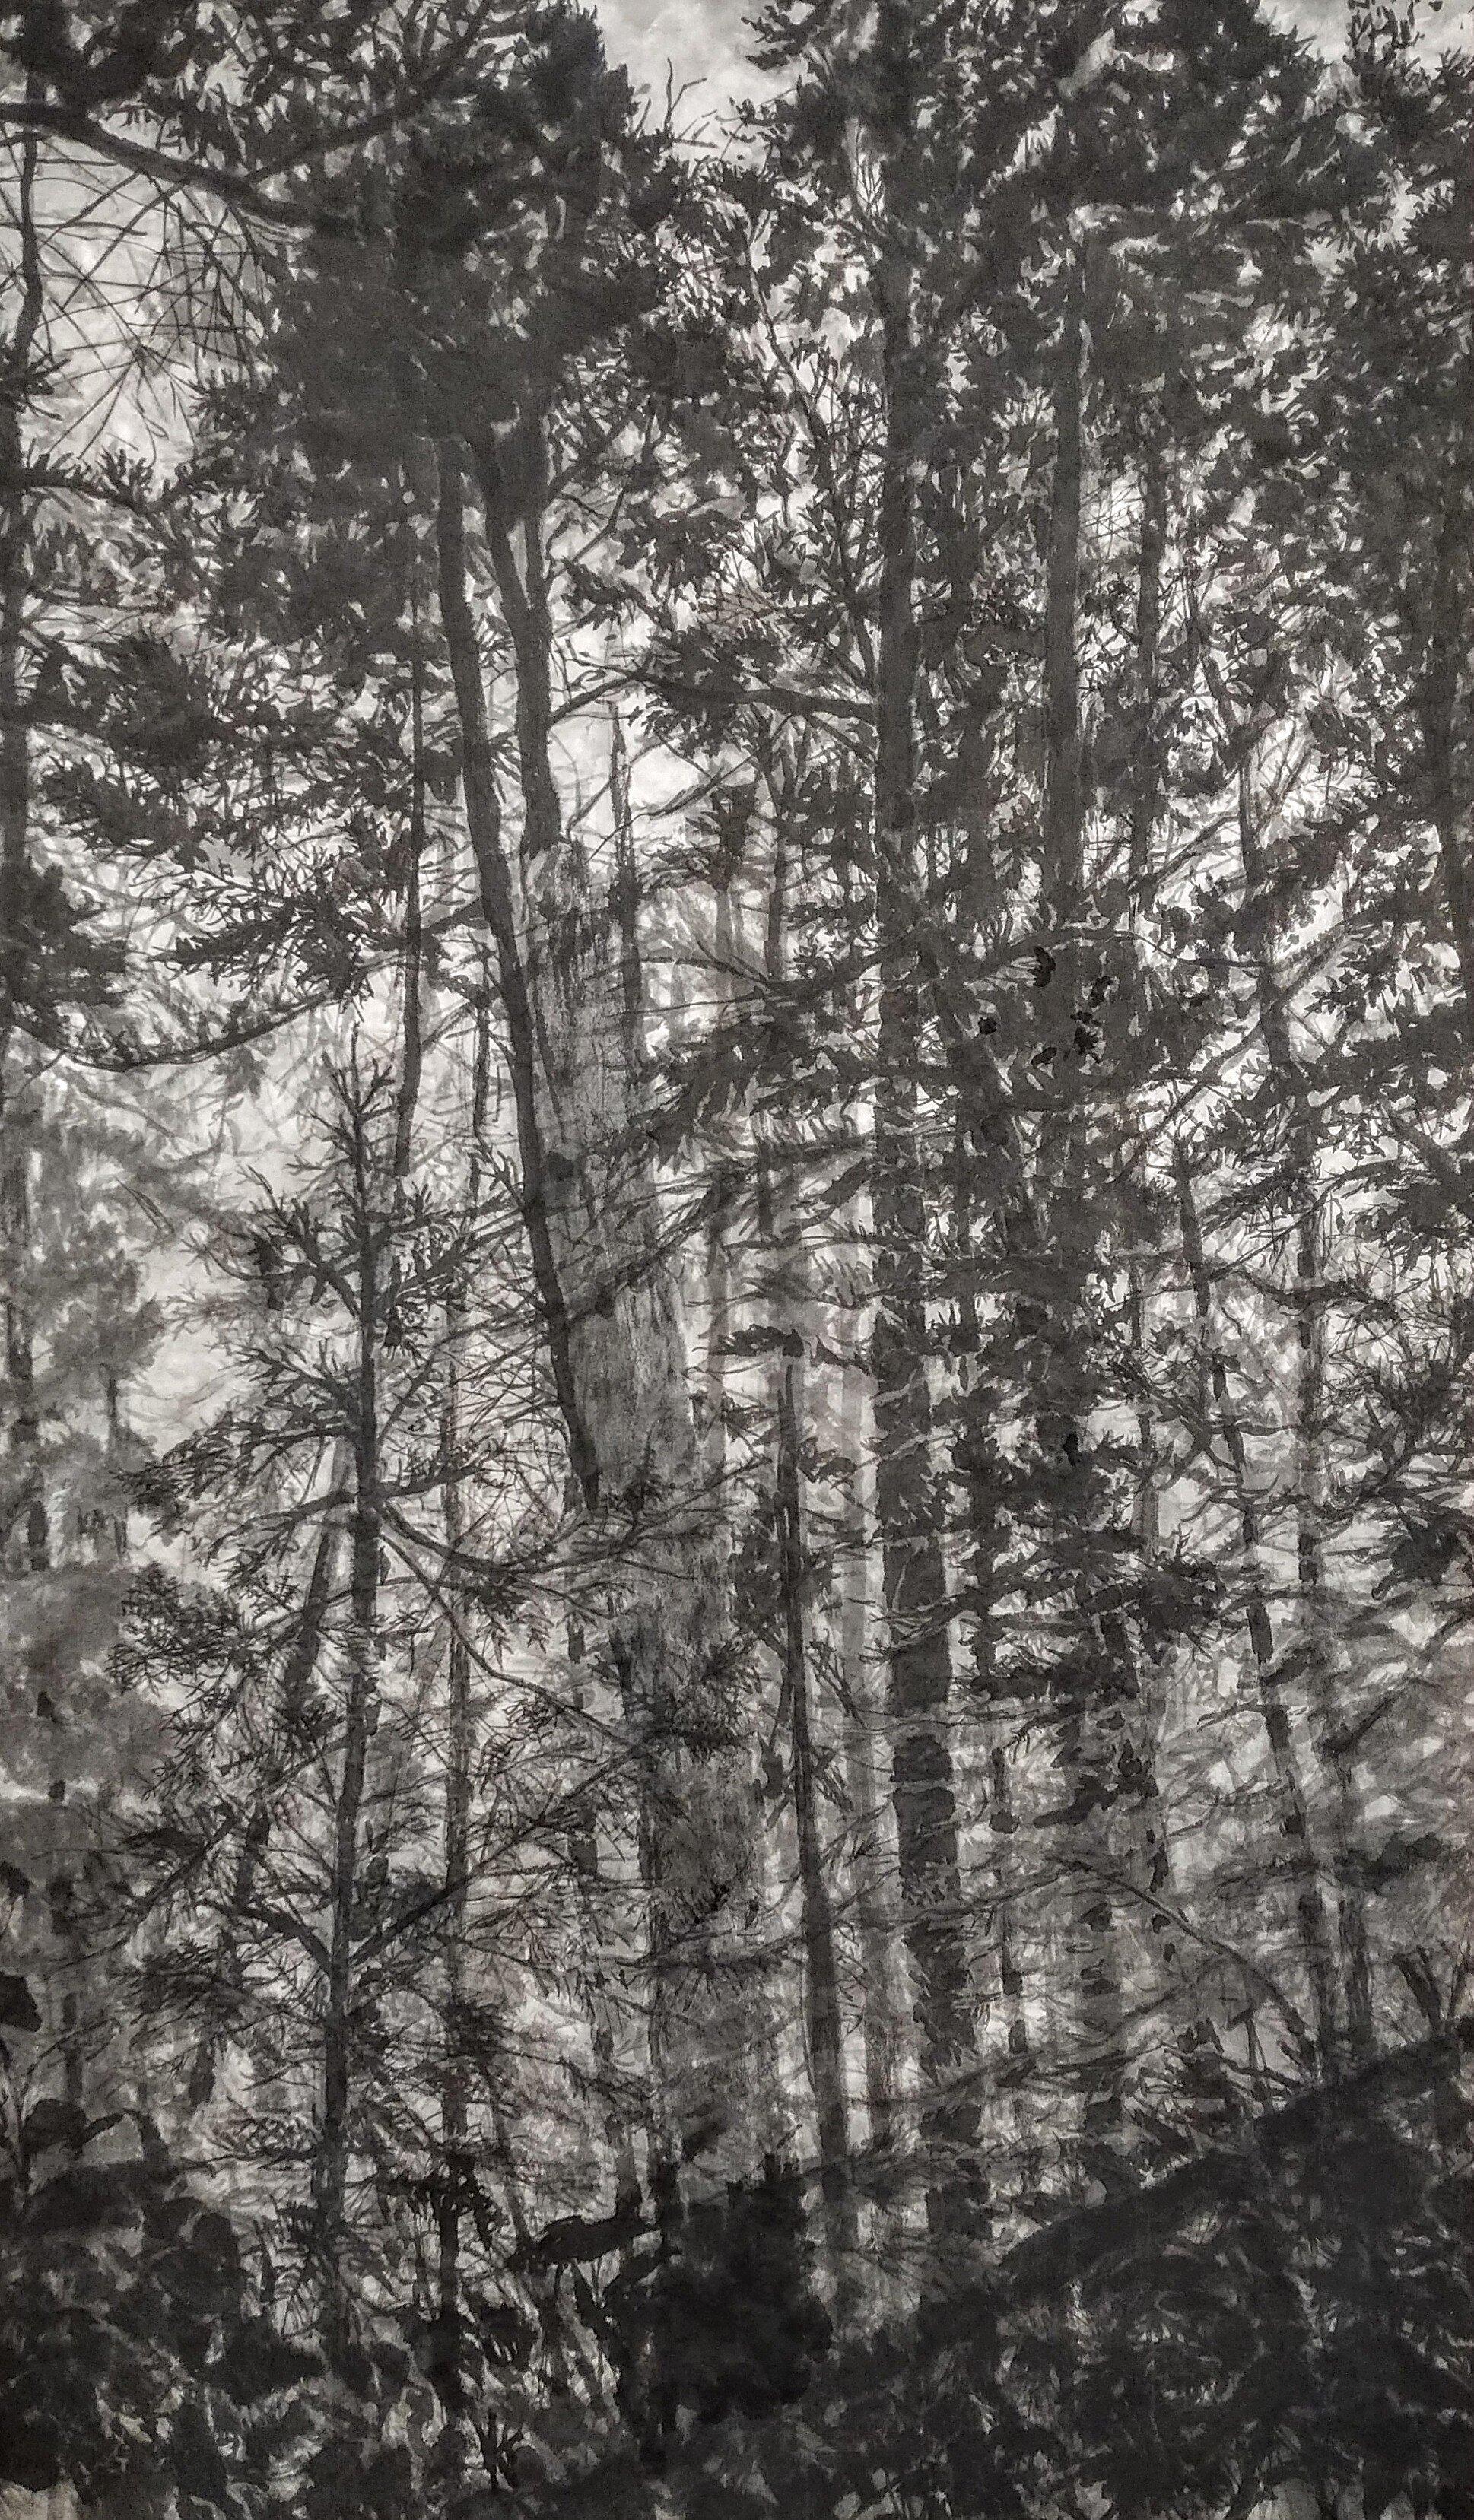 Eliz+woodland+image+1.jpg